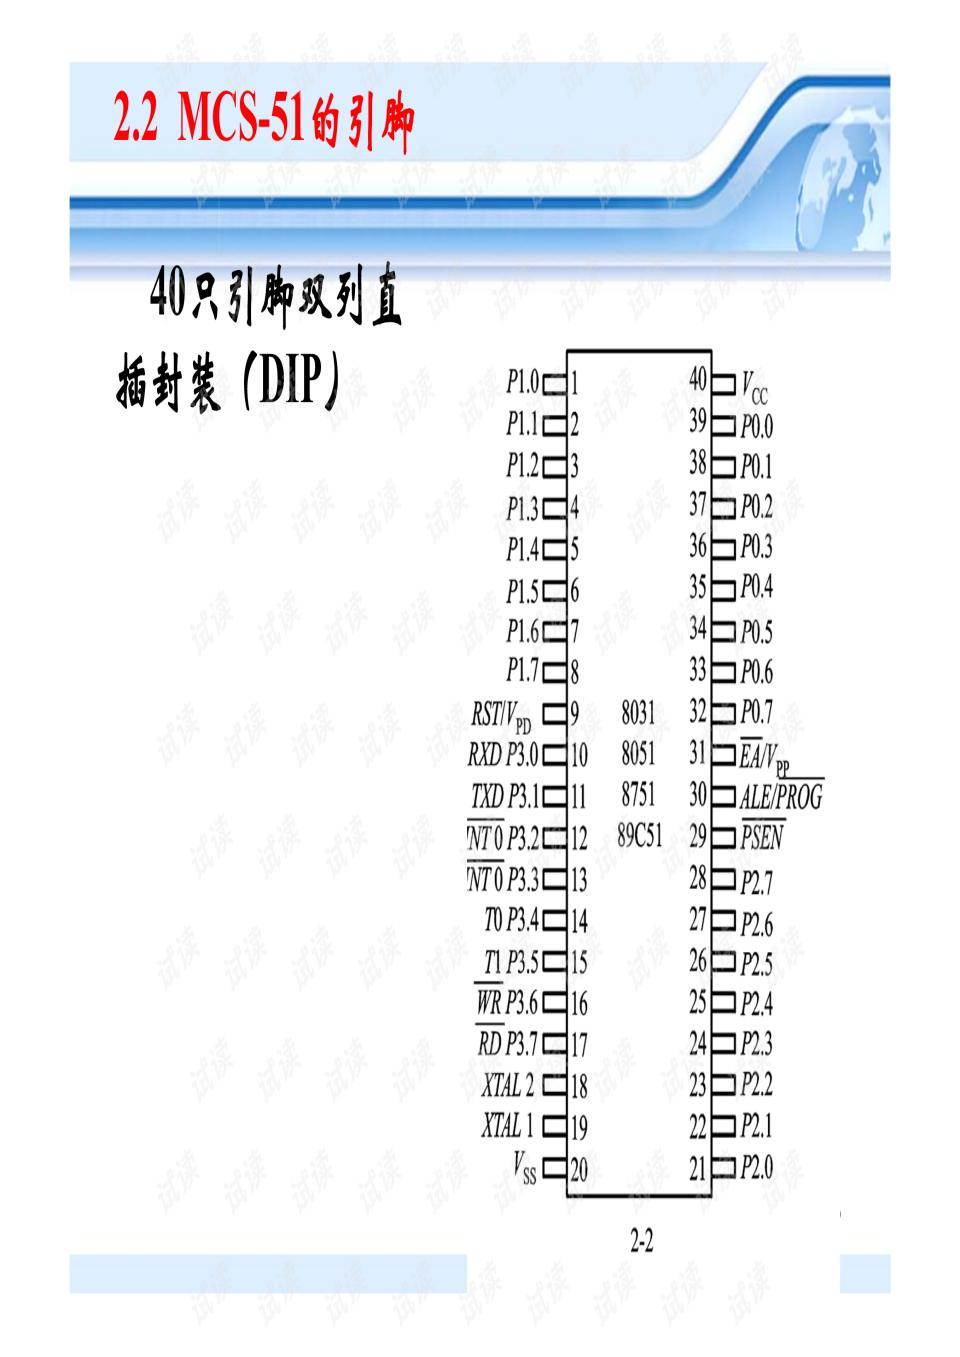 杨明蓝凌分别是第几章 杨明和孙洁第四次多少